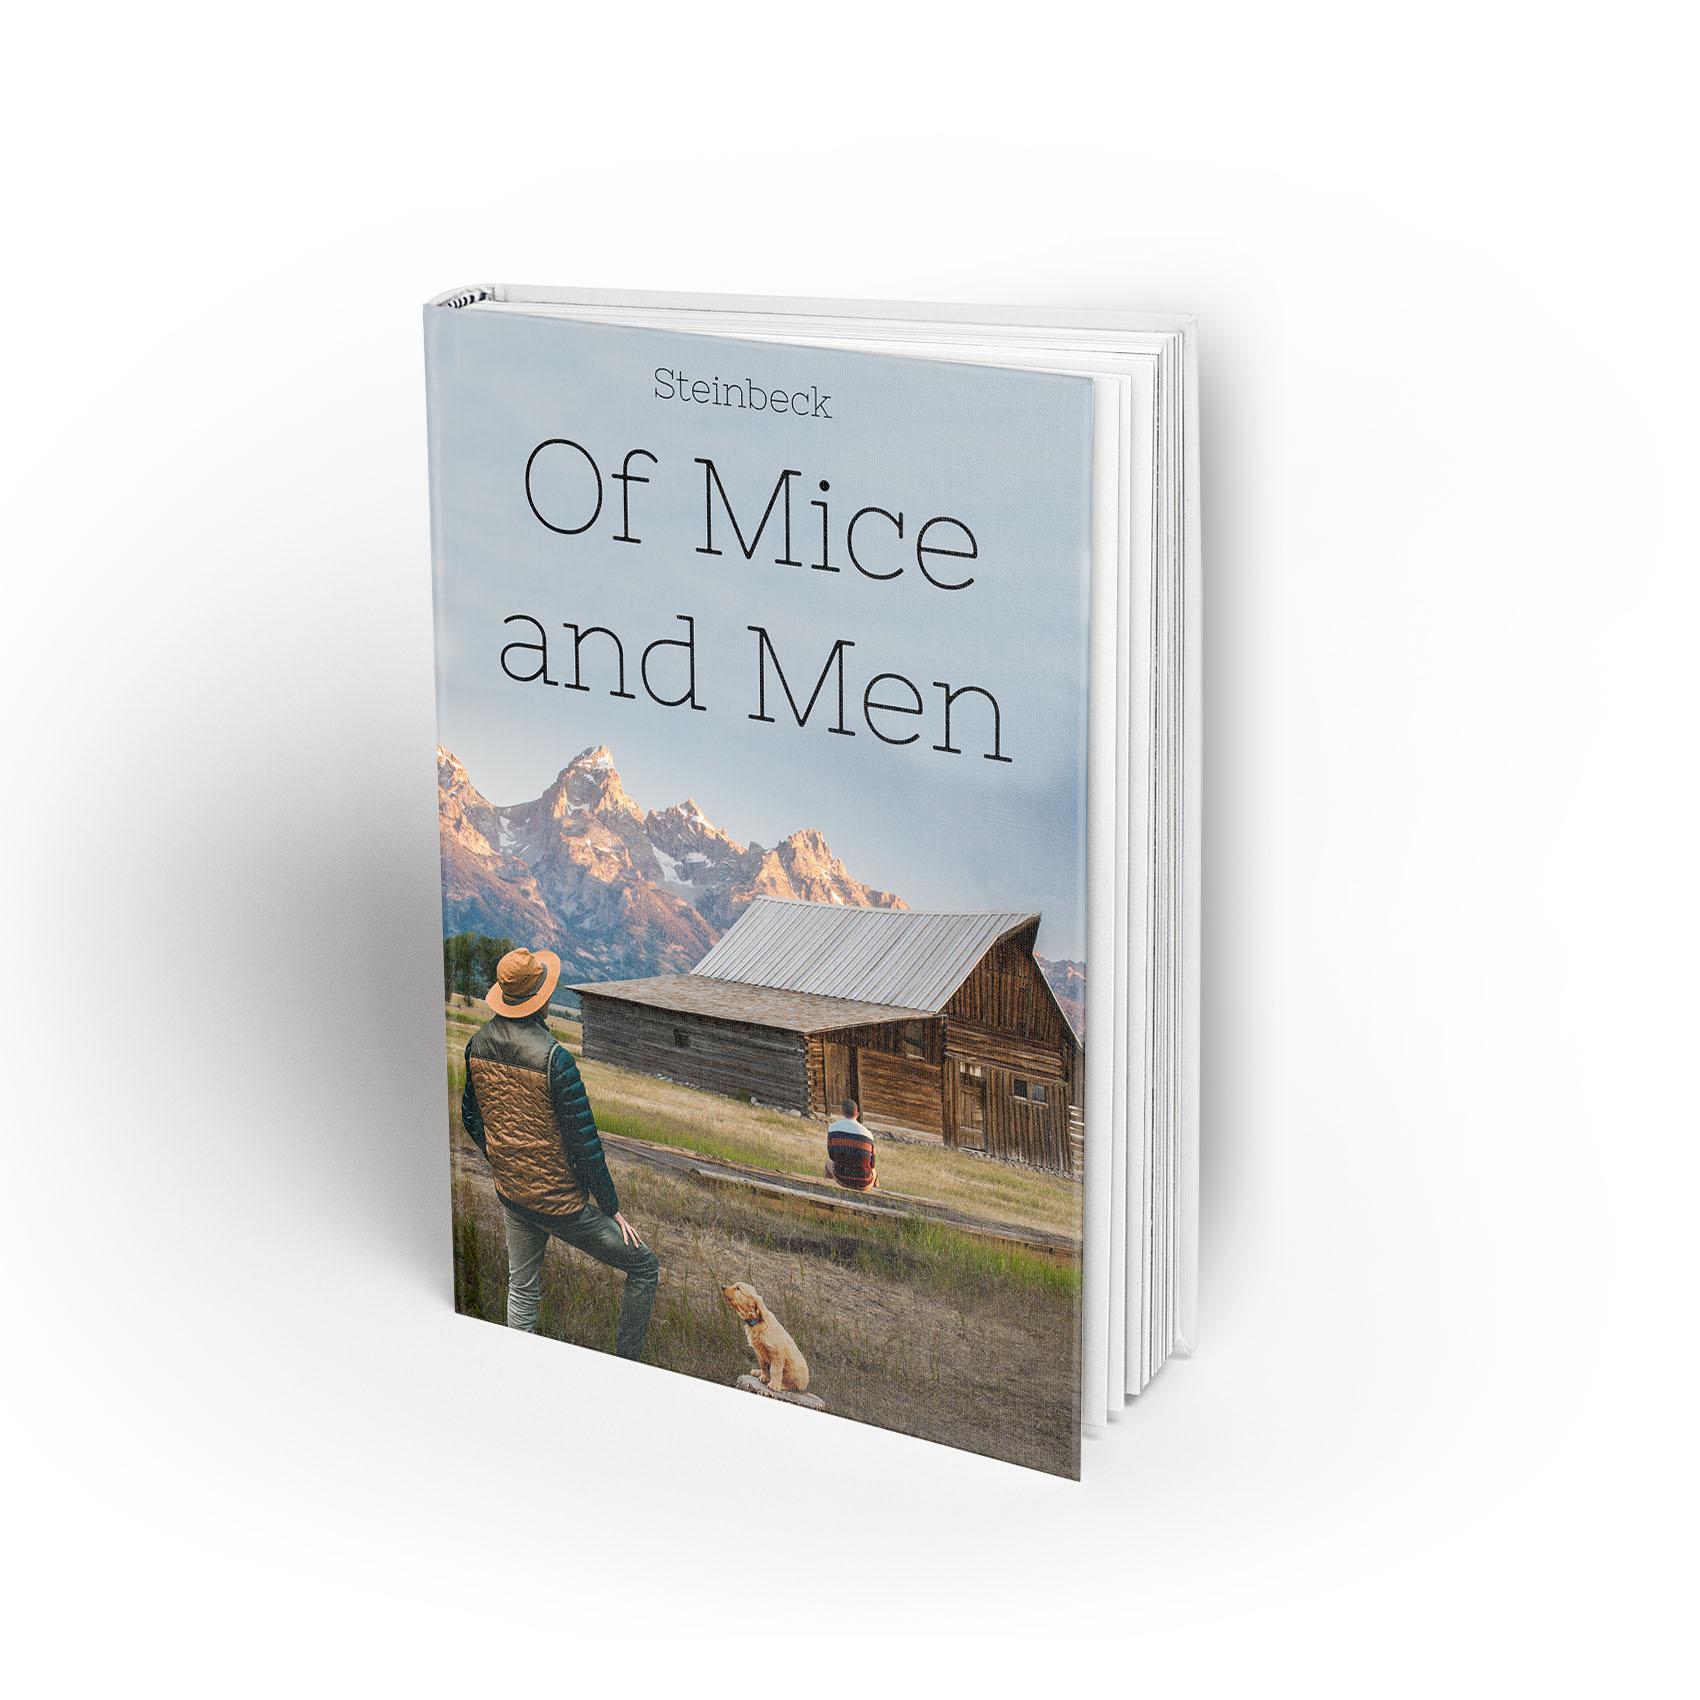 Book Cover Designs 2018